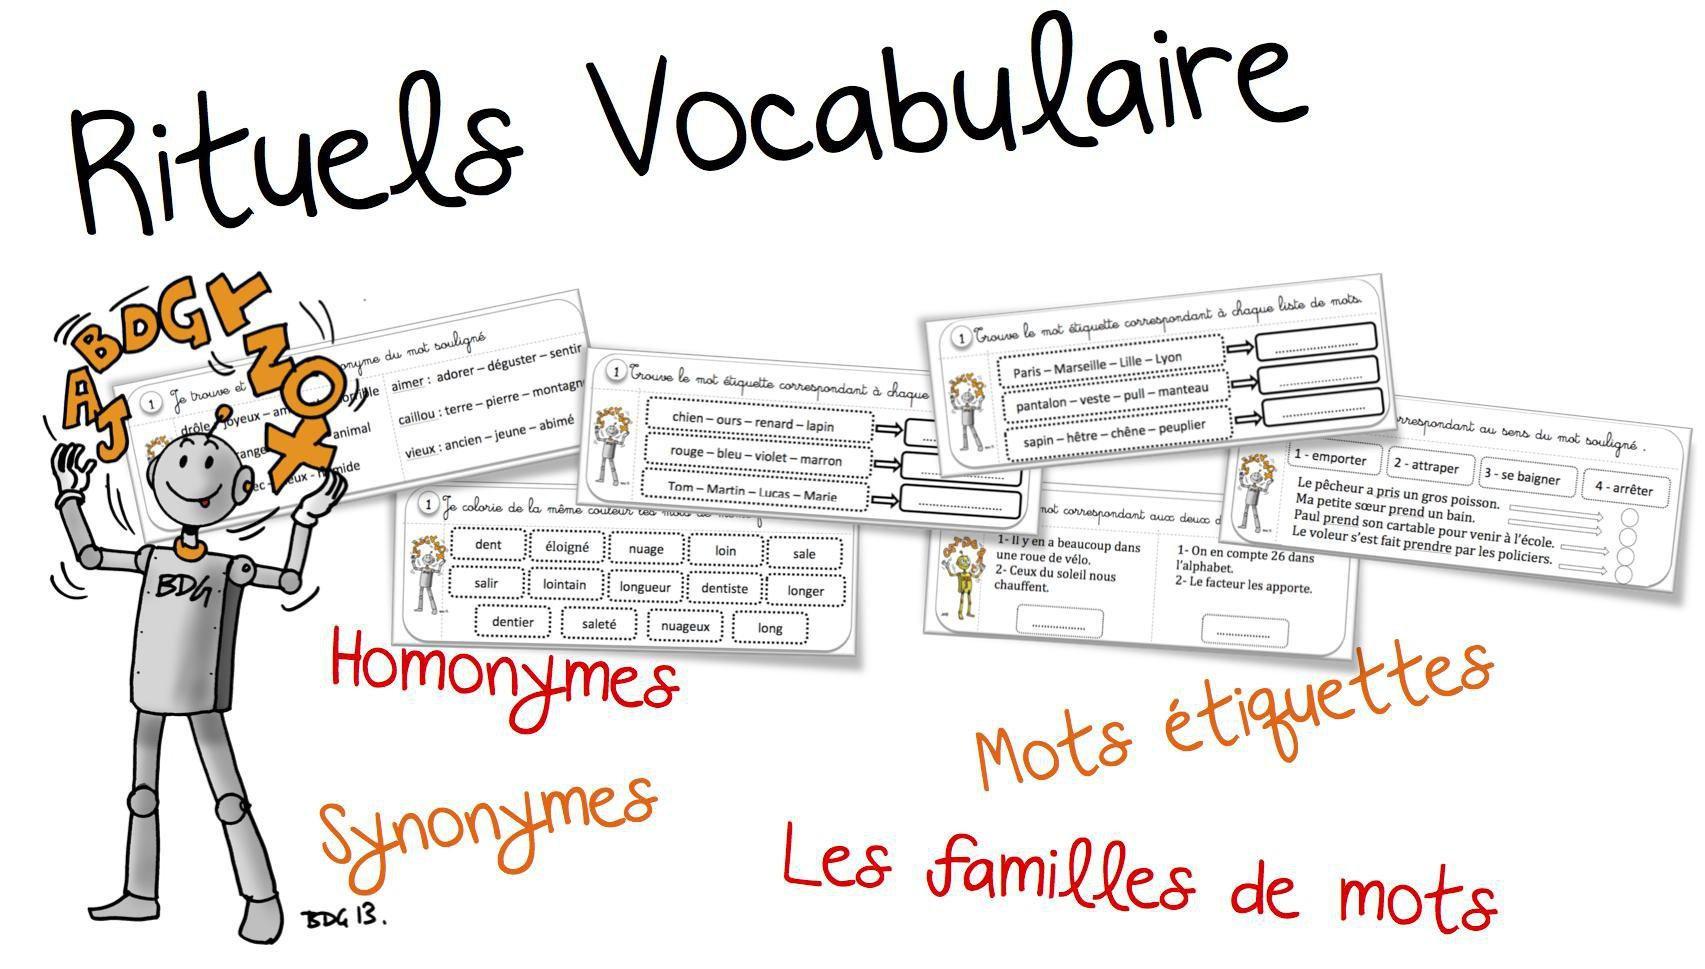 Rituels Vocabulaire Synonyme Homonyme Famille Et Mot Etiquettes